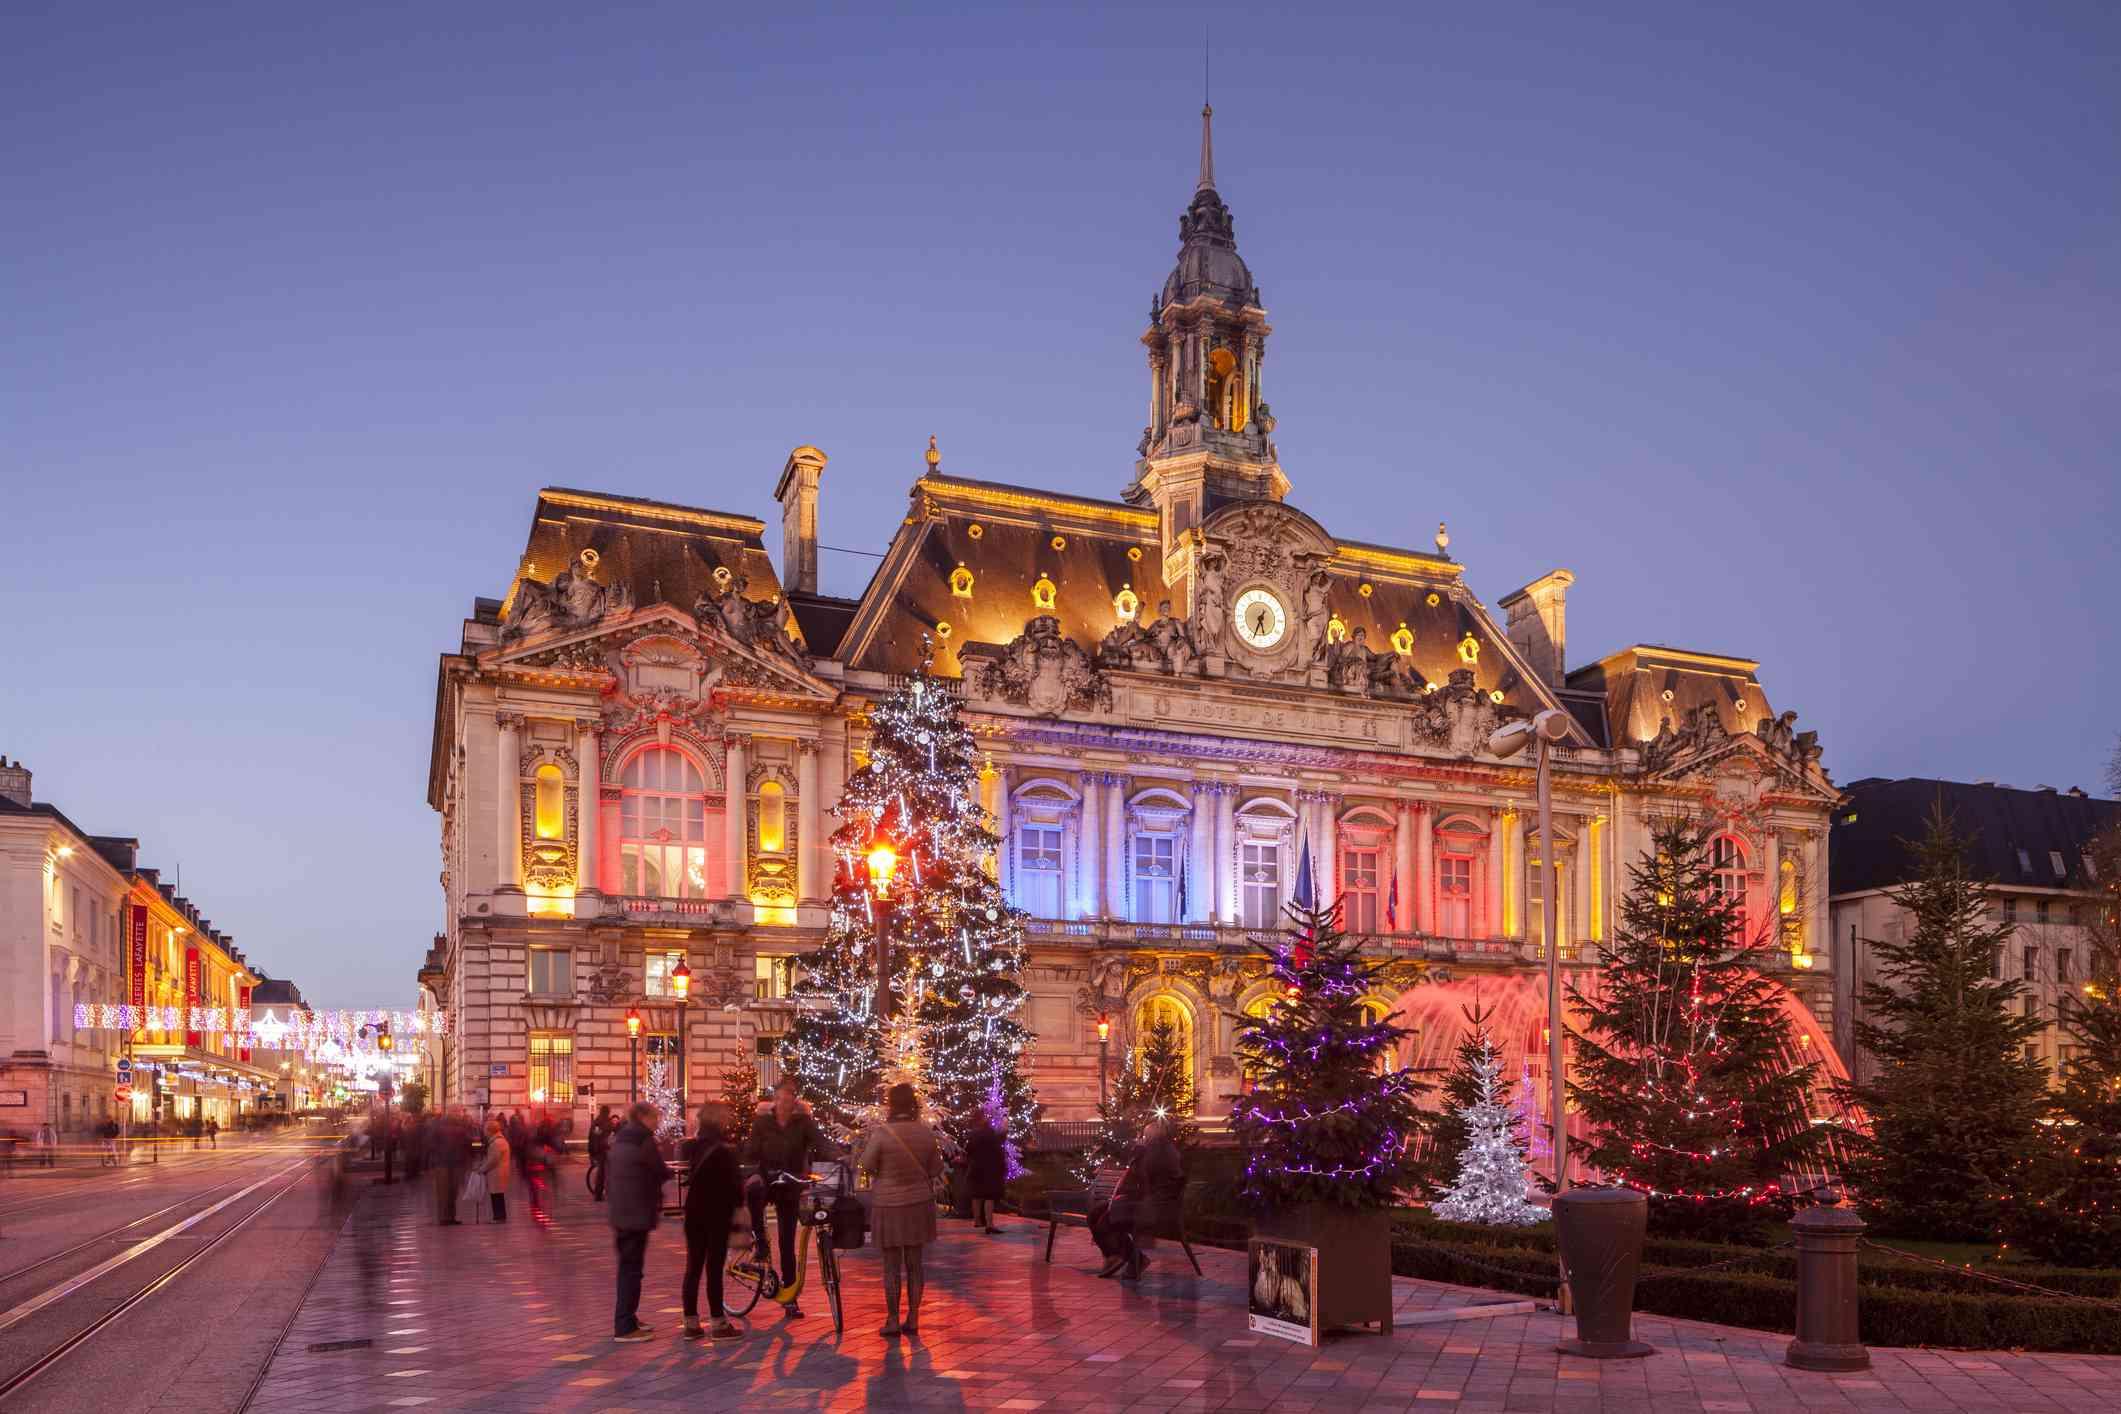 Christmas decorations at Hotel de Ville, Tours.